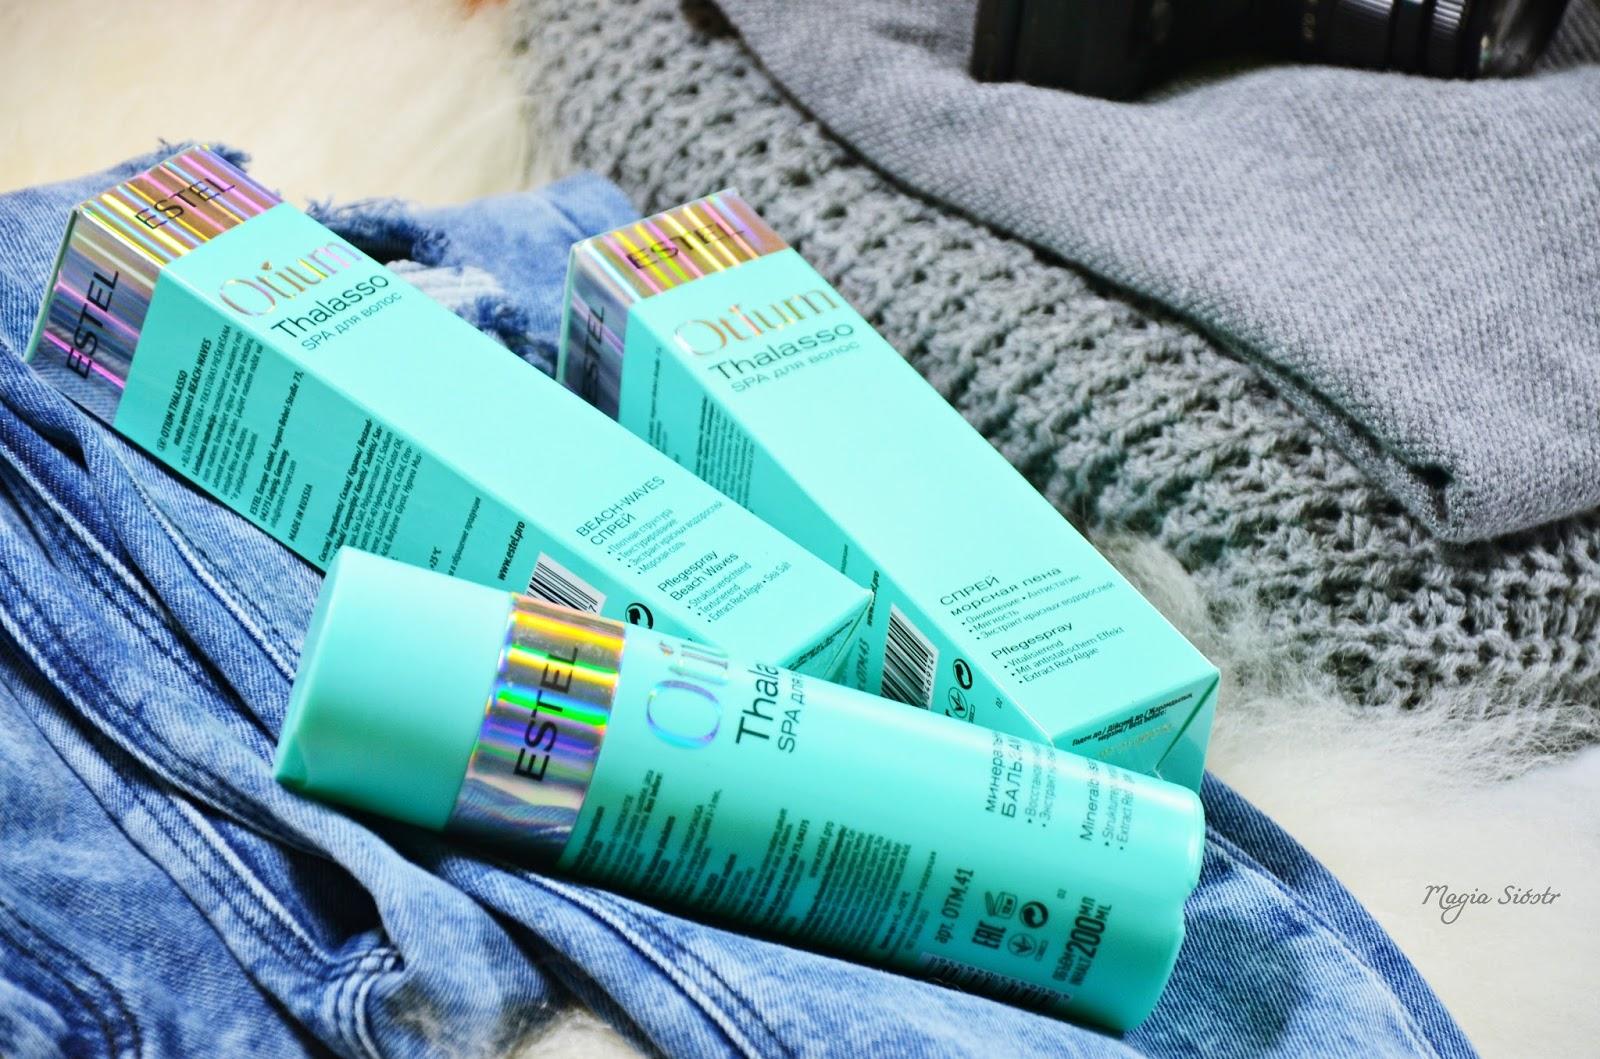 Spa dla włosów, kosmetyki mineralne, otium thalasso, estel